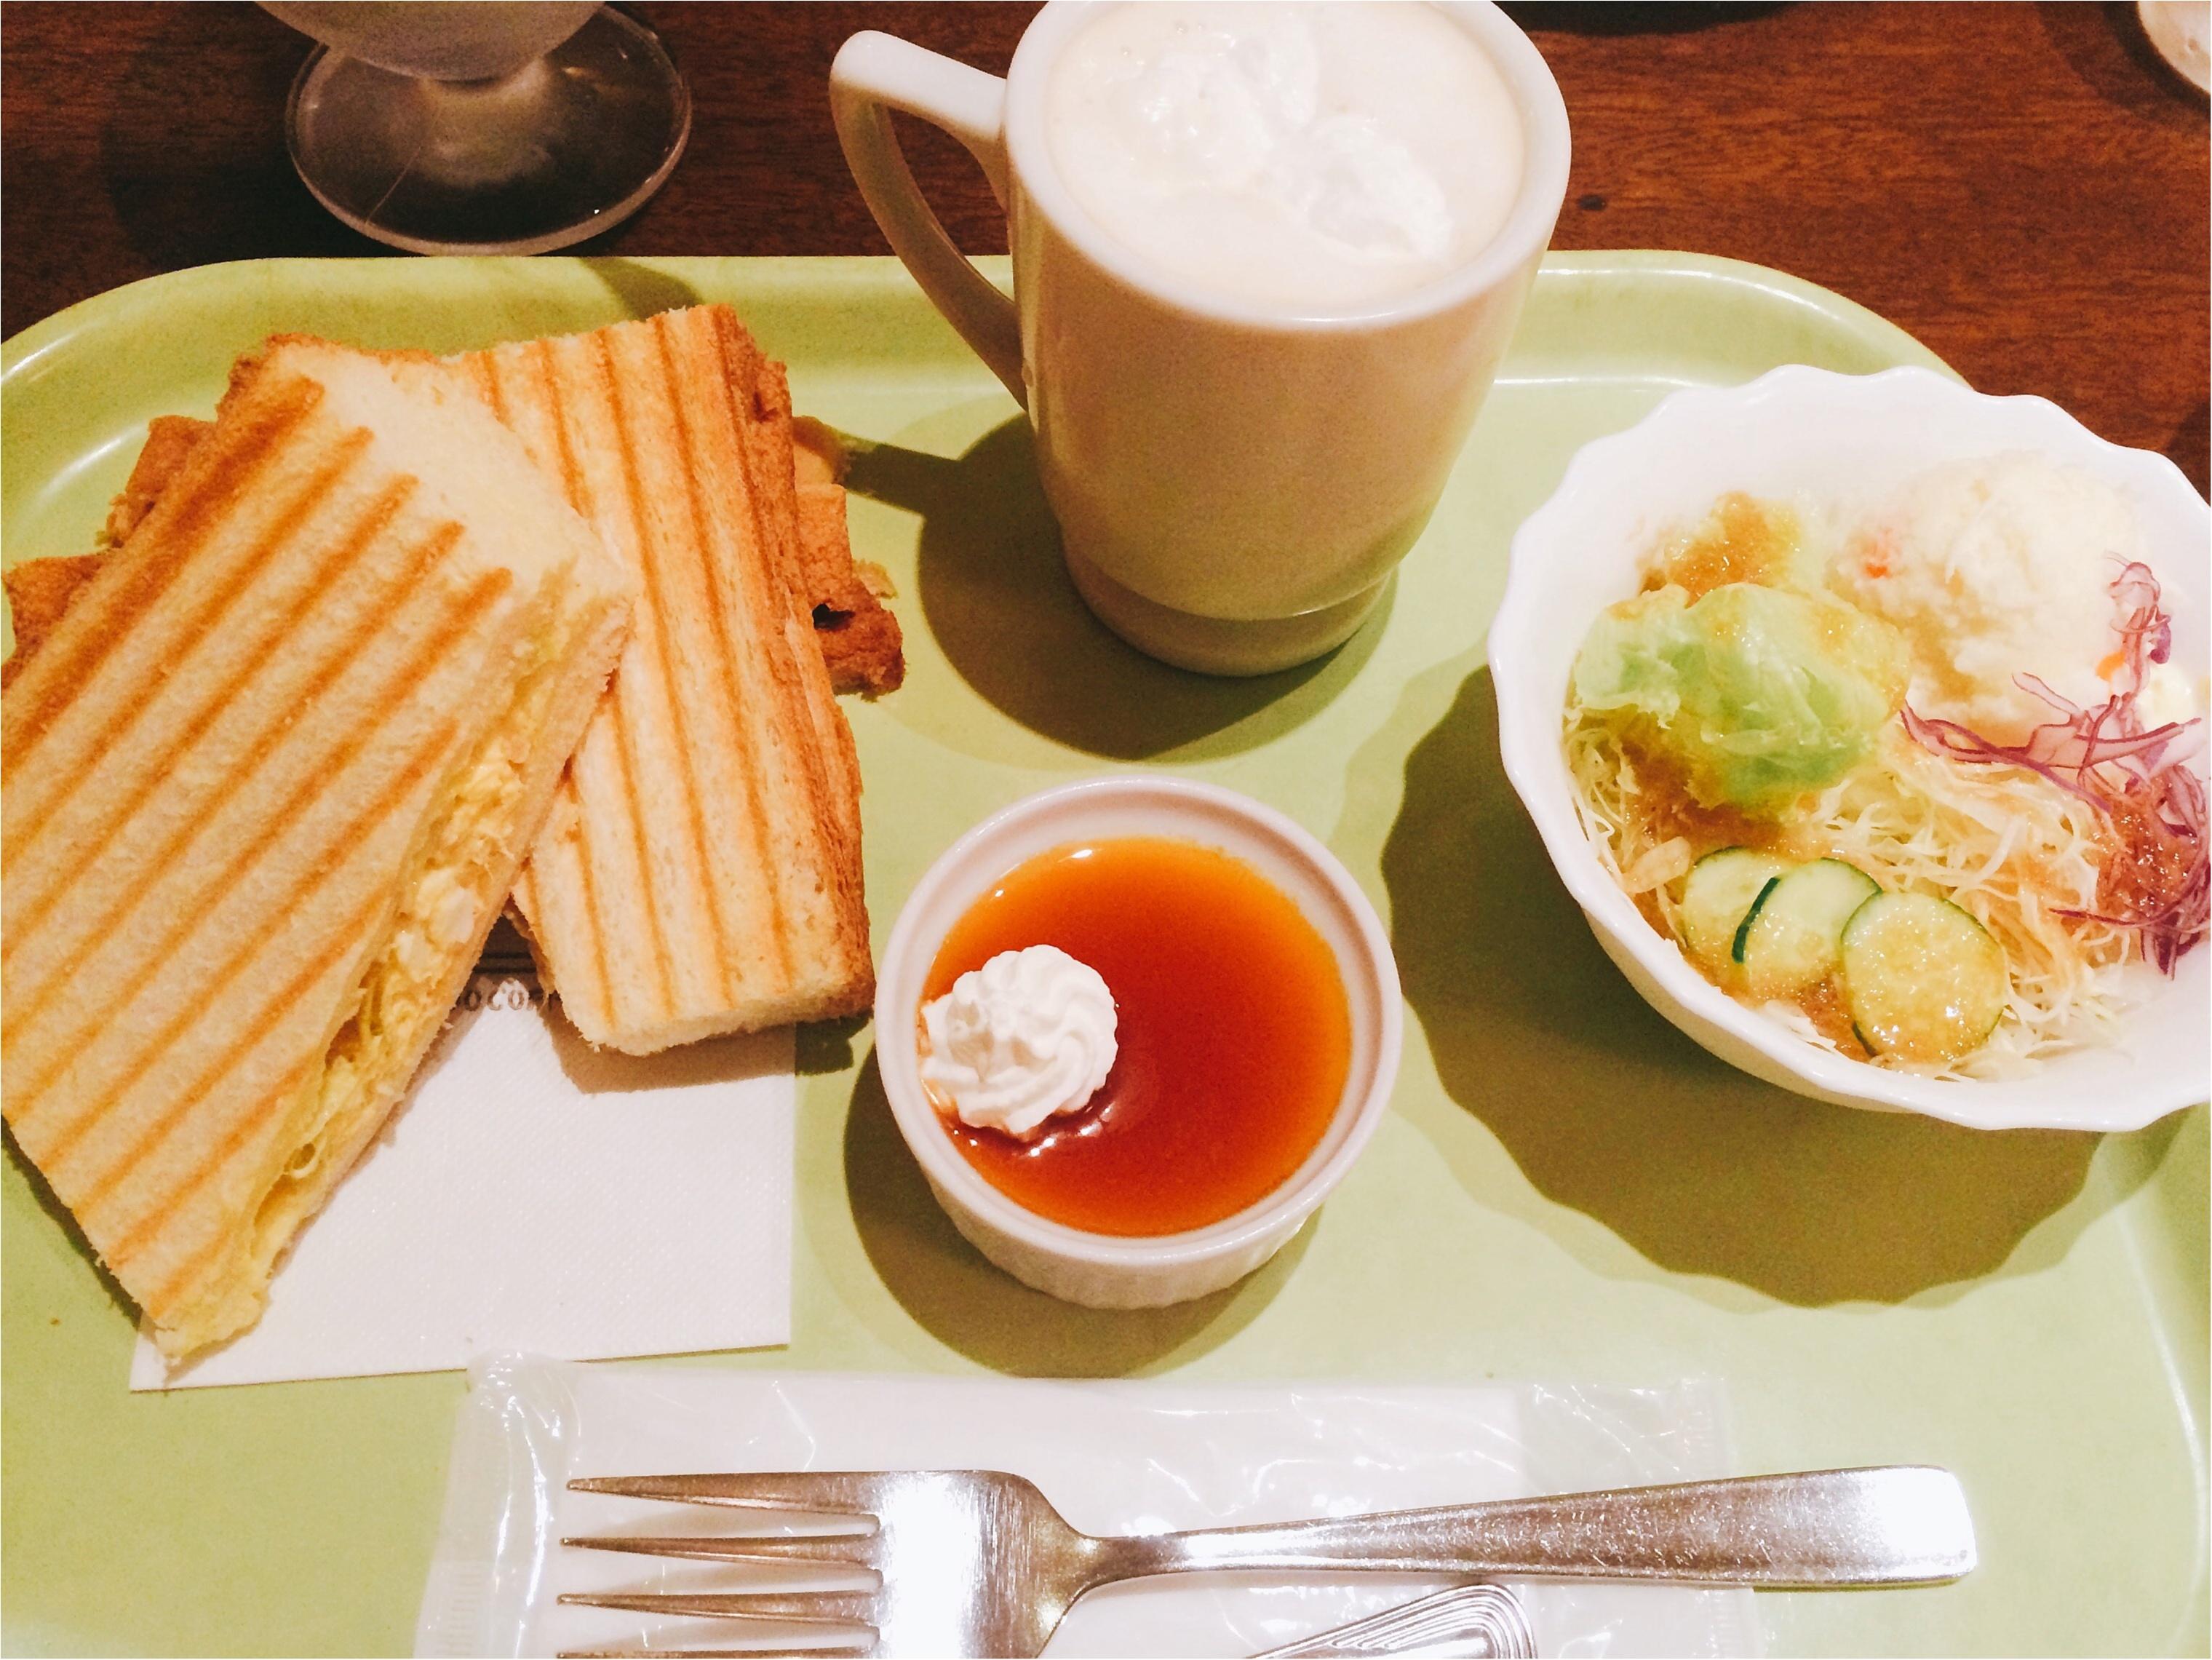 老舗喫茶店☆素敵なコーヒーを楽しめるおすすめカフェ!_1